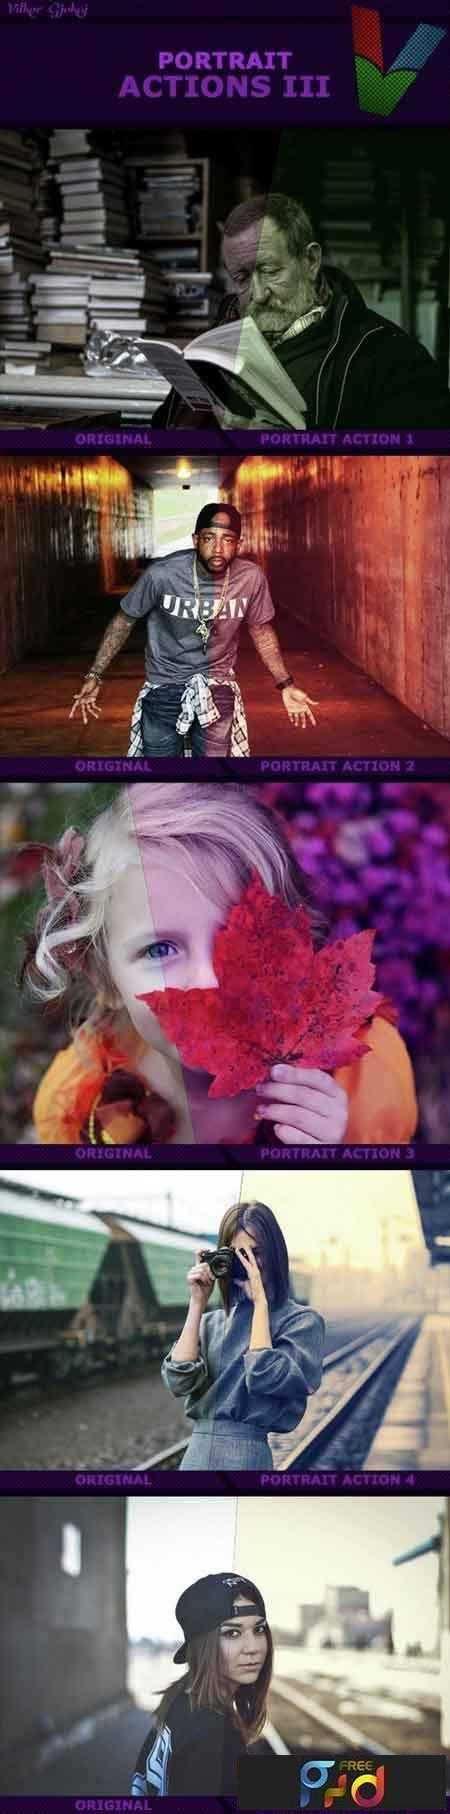 1809205 Portrait Actions III 15412839 1